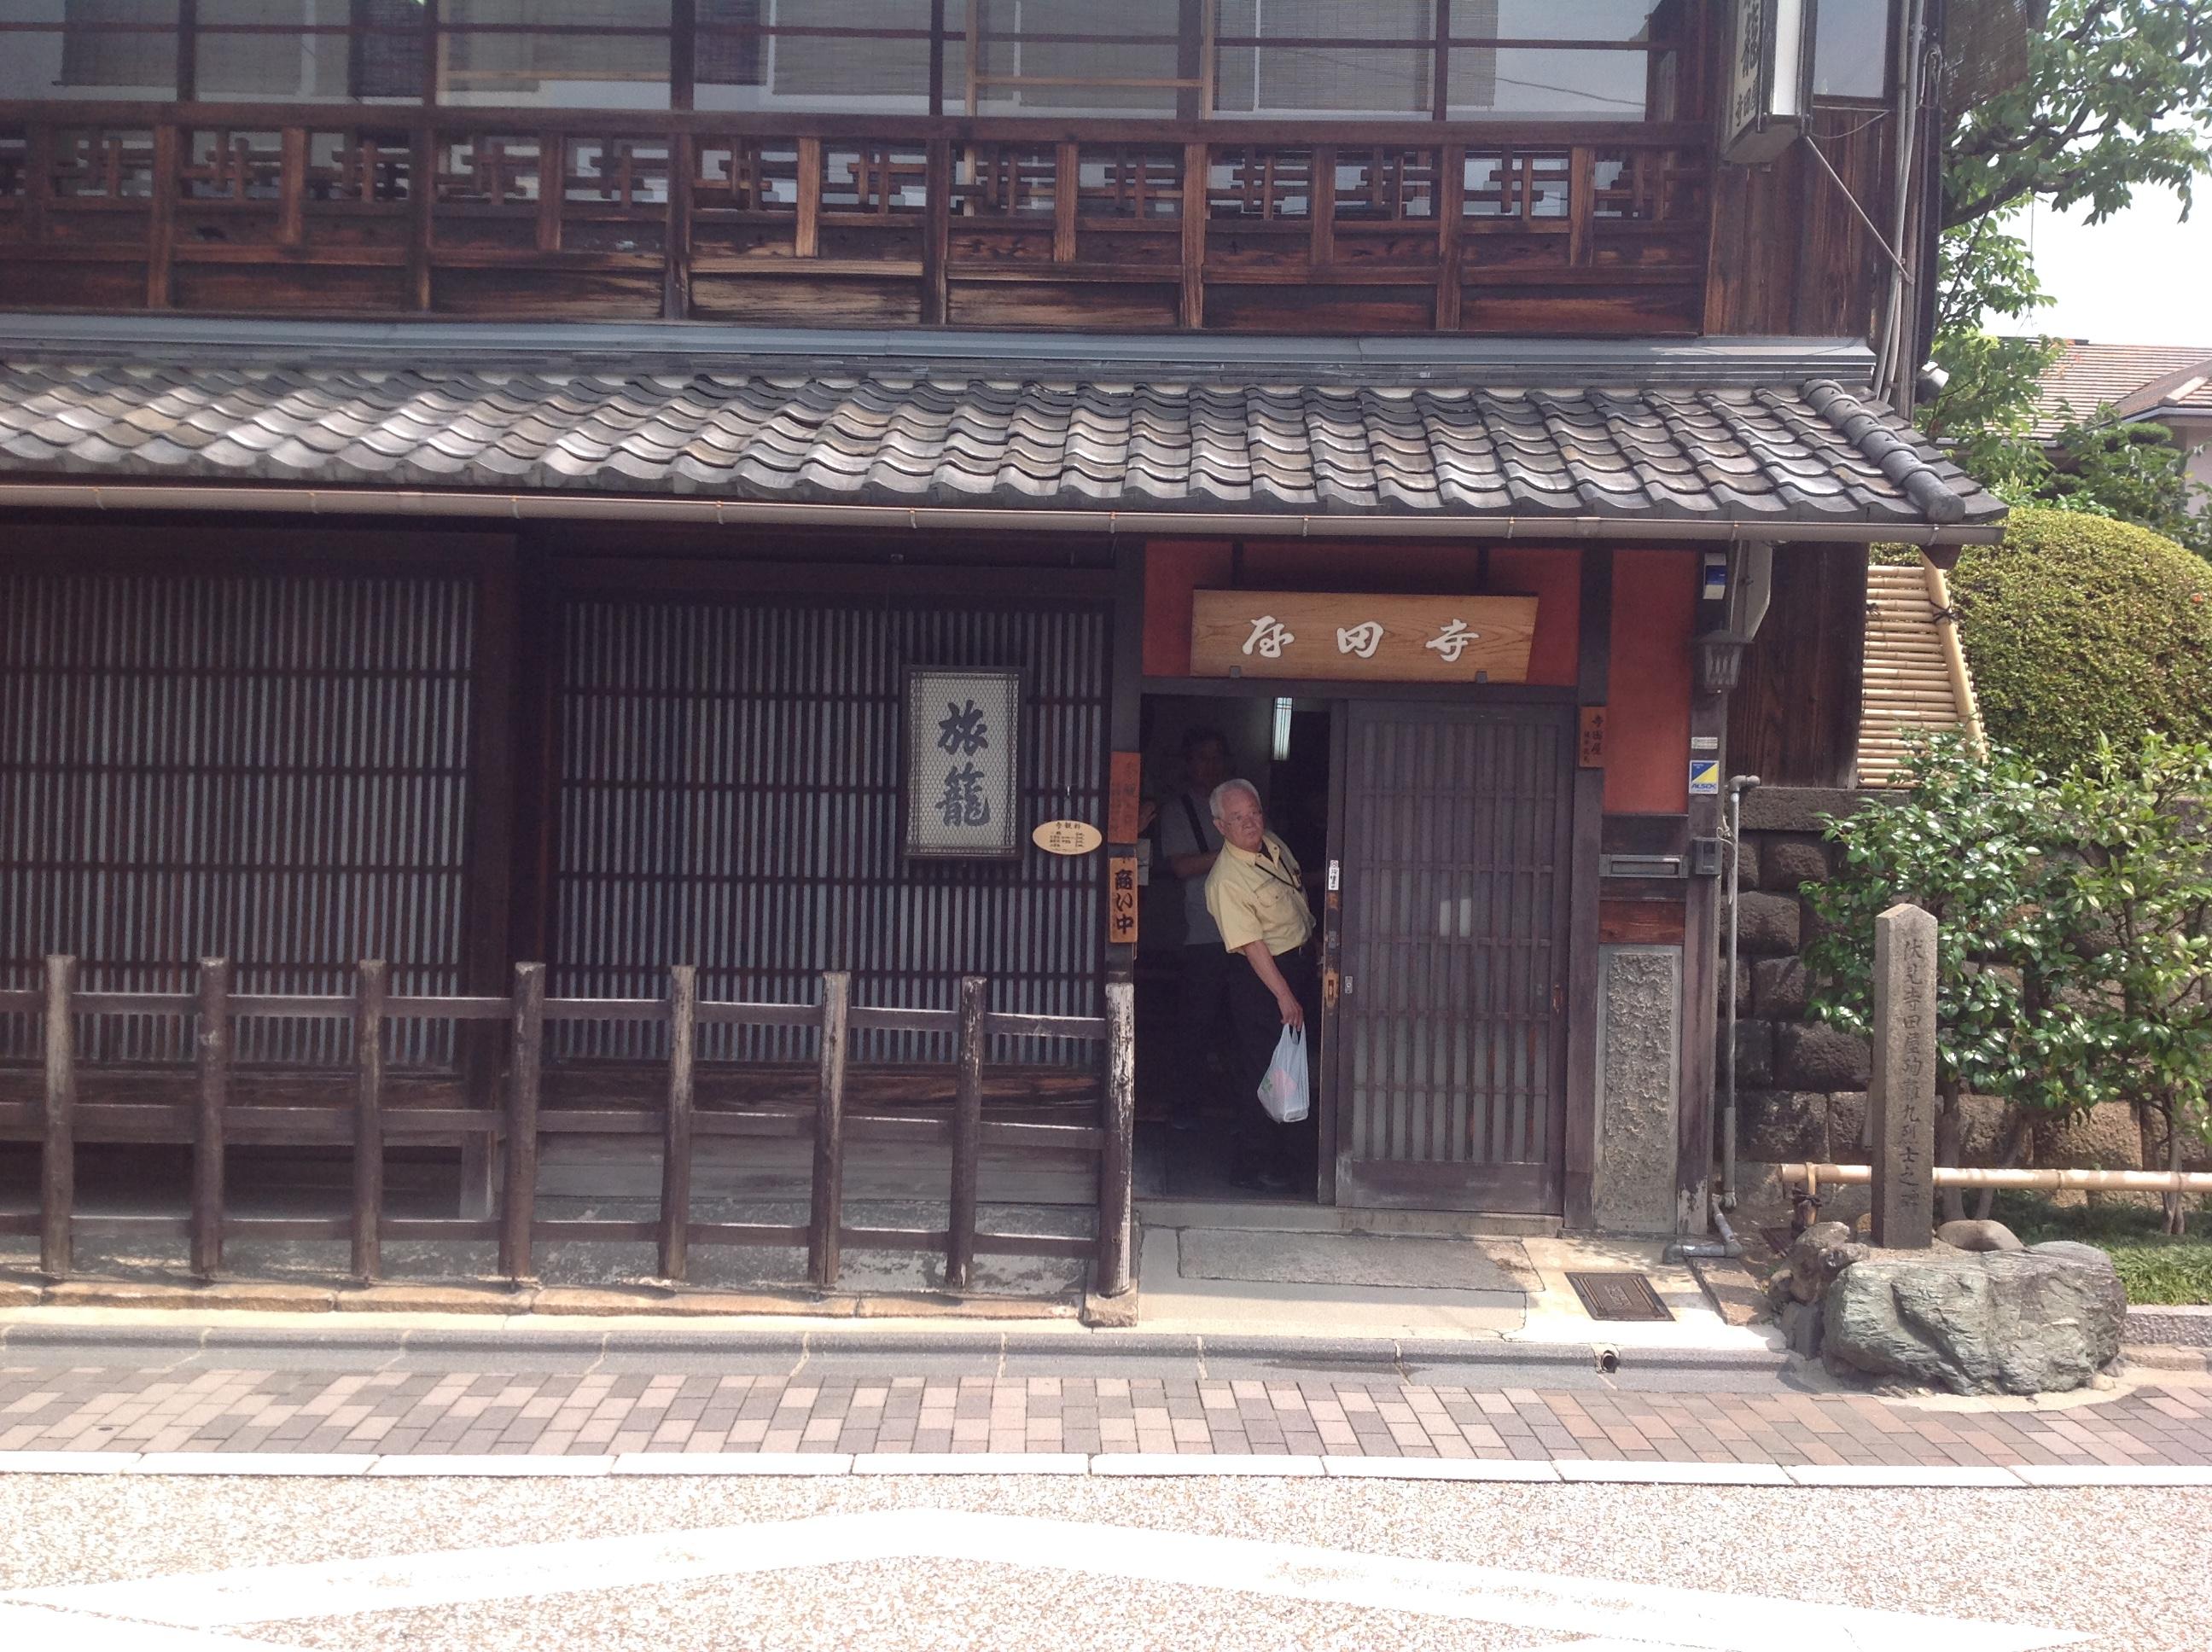 京都出張 その6 寺田屋